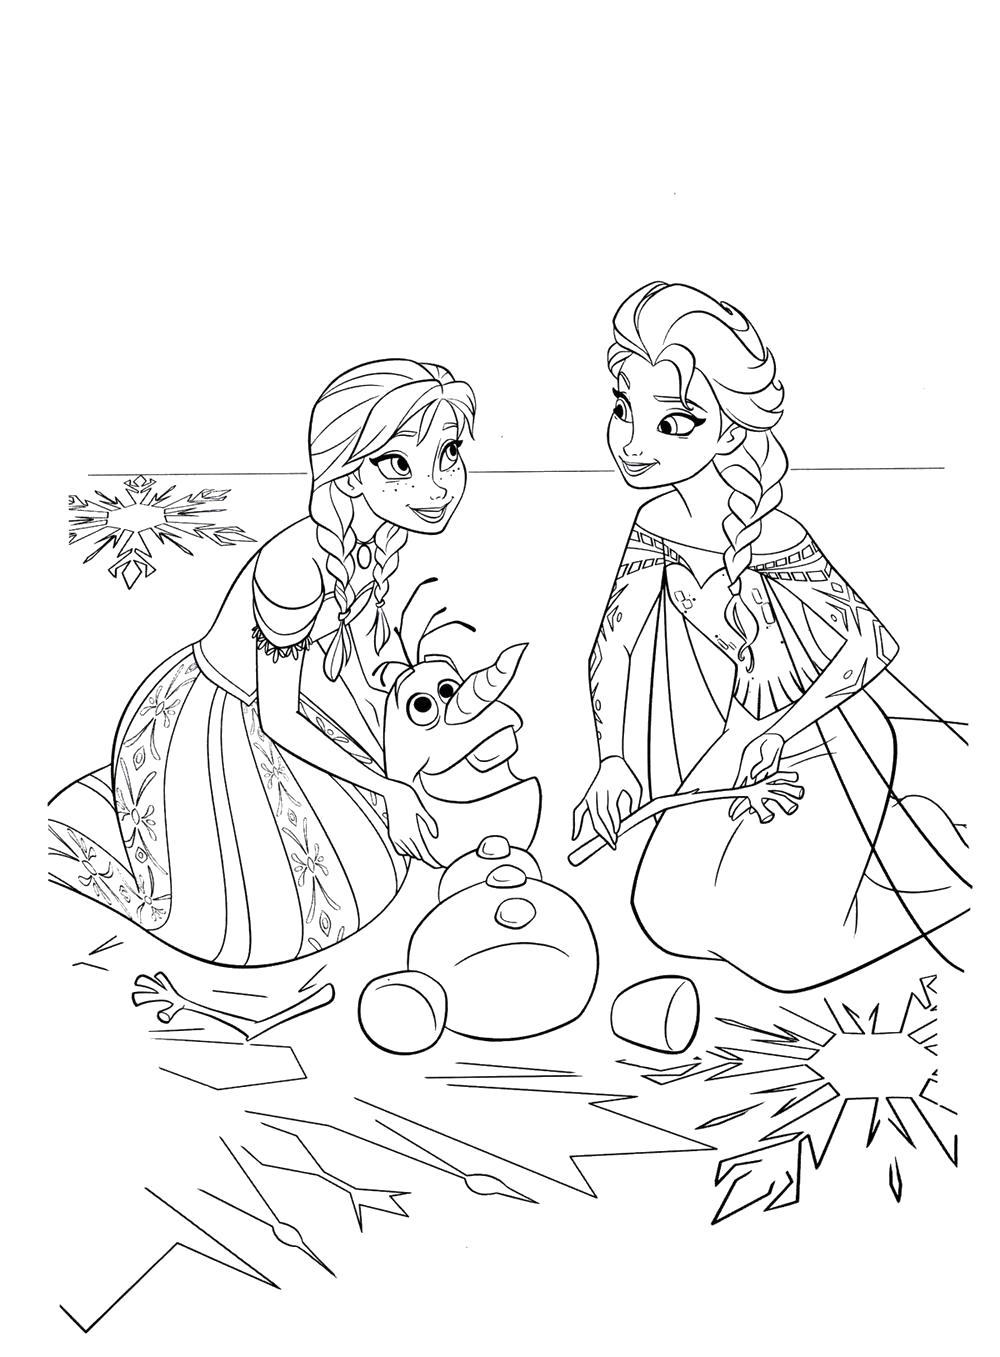 Раскраска раскраски холодное сердце снеговик олаф анна и эльза. Олаф